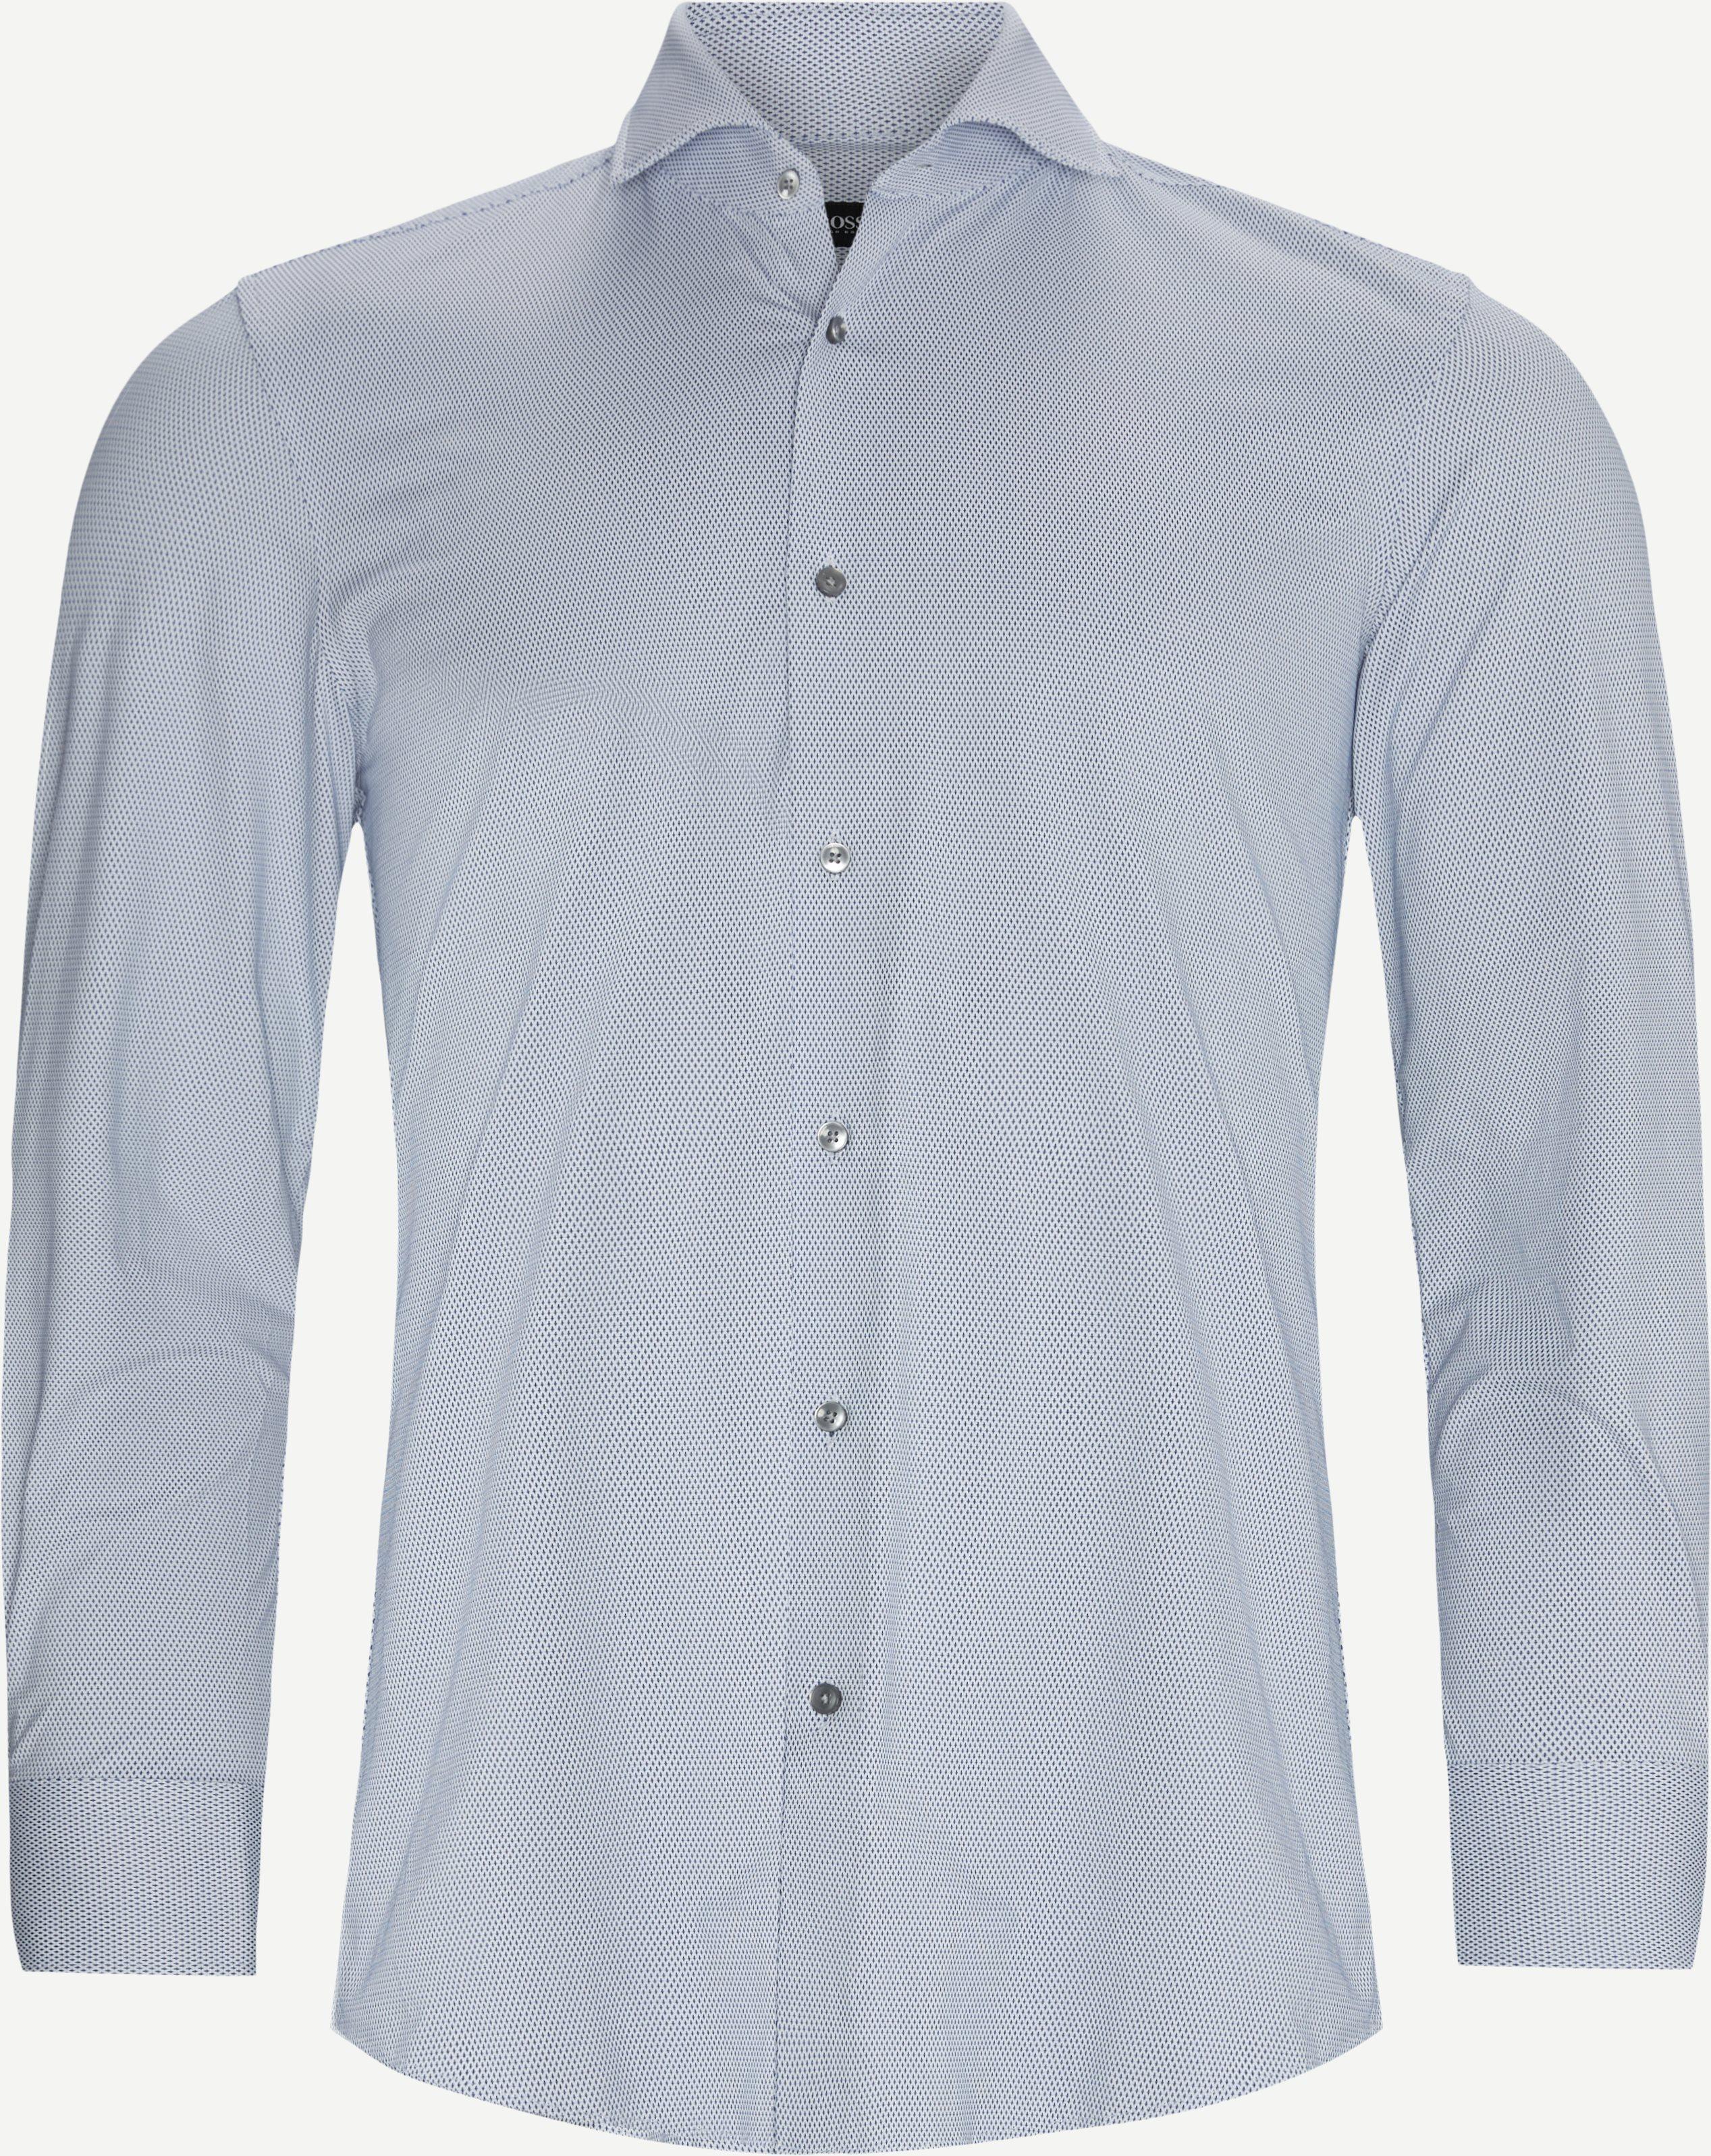 Jason Skjorte - Skjortor - Slim fit - Blå